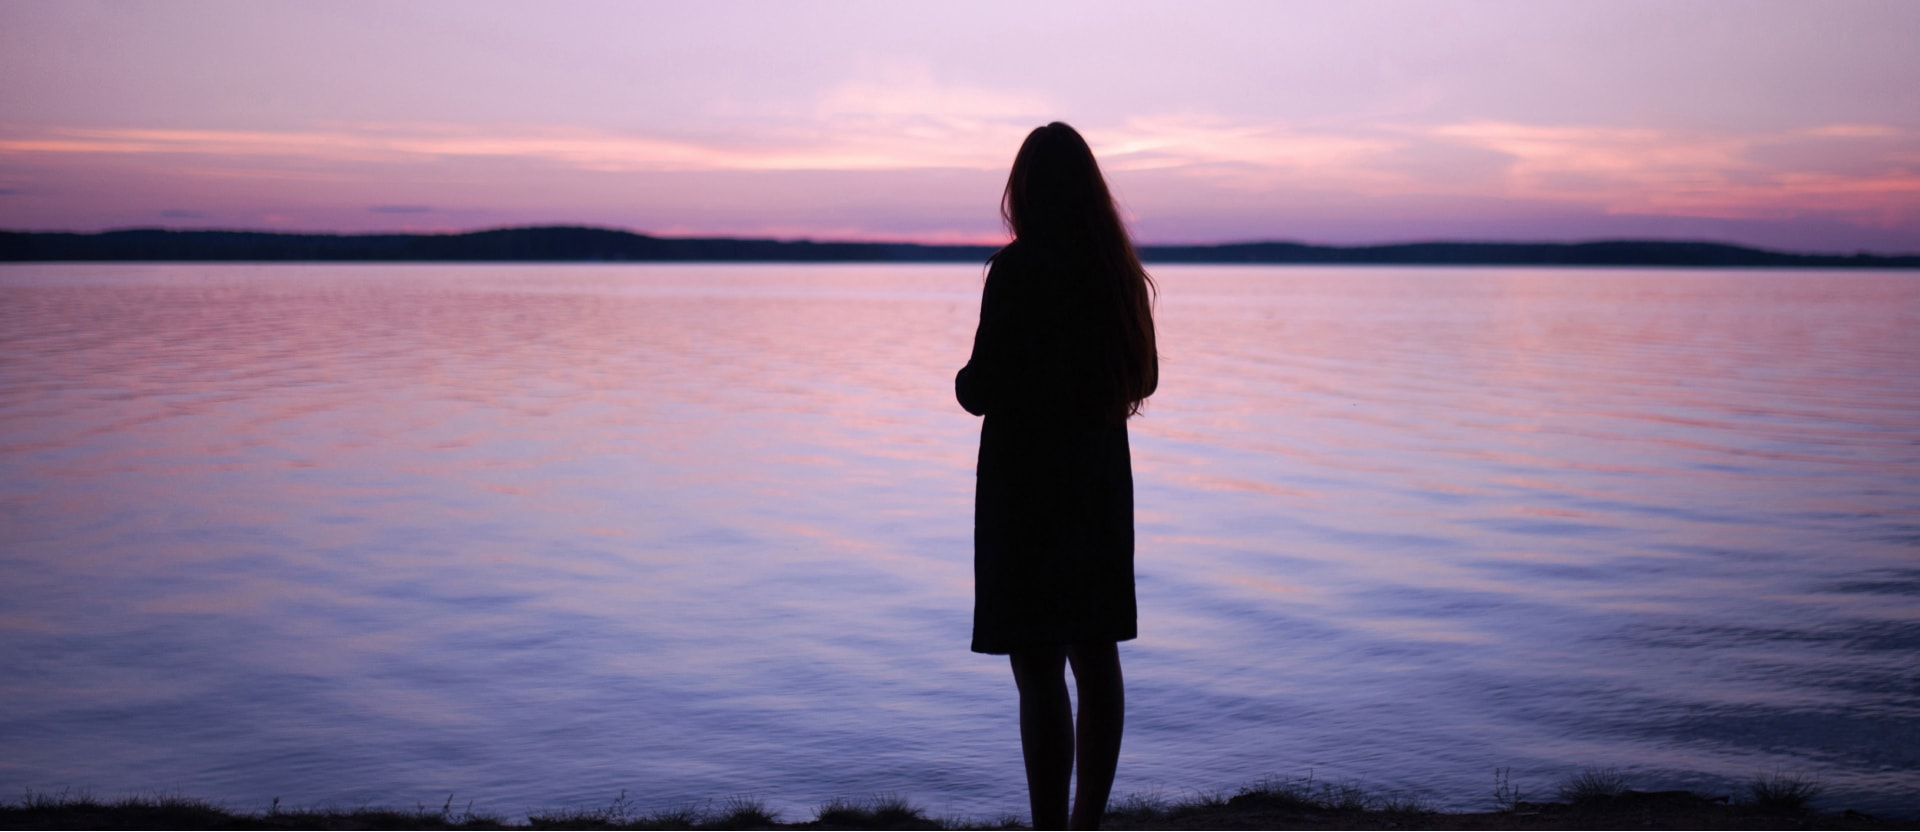 Foto ilustrativa de uma mulher olhando um lago